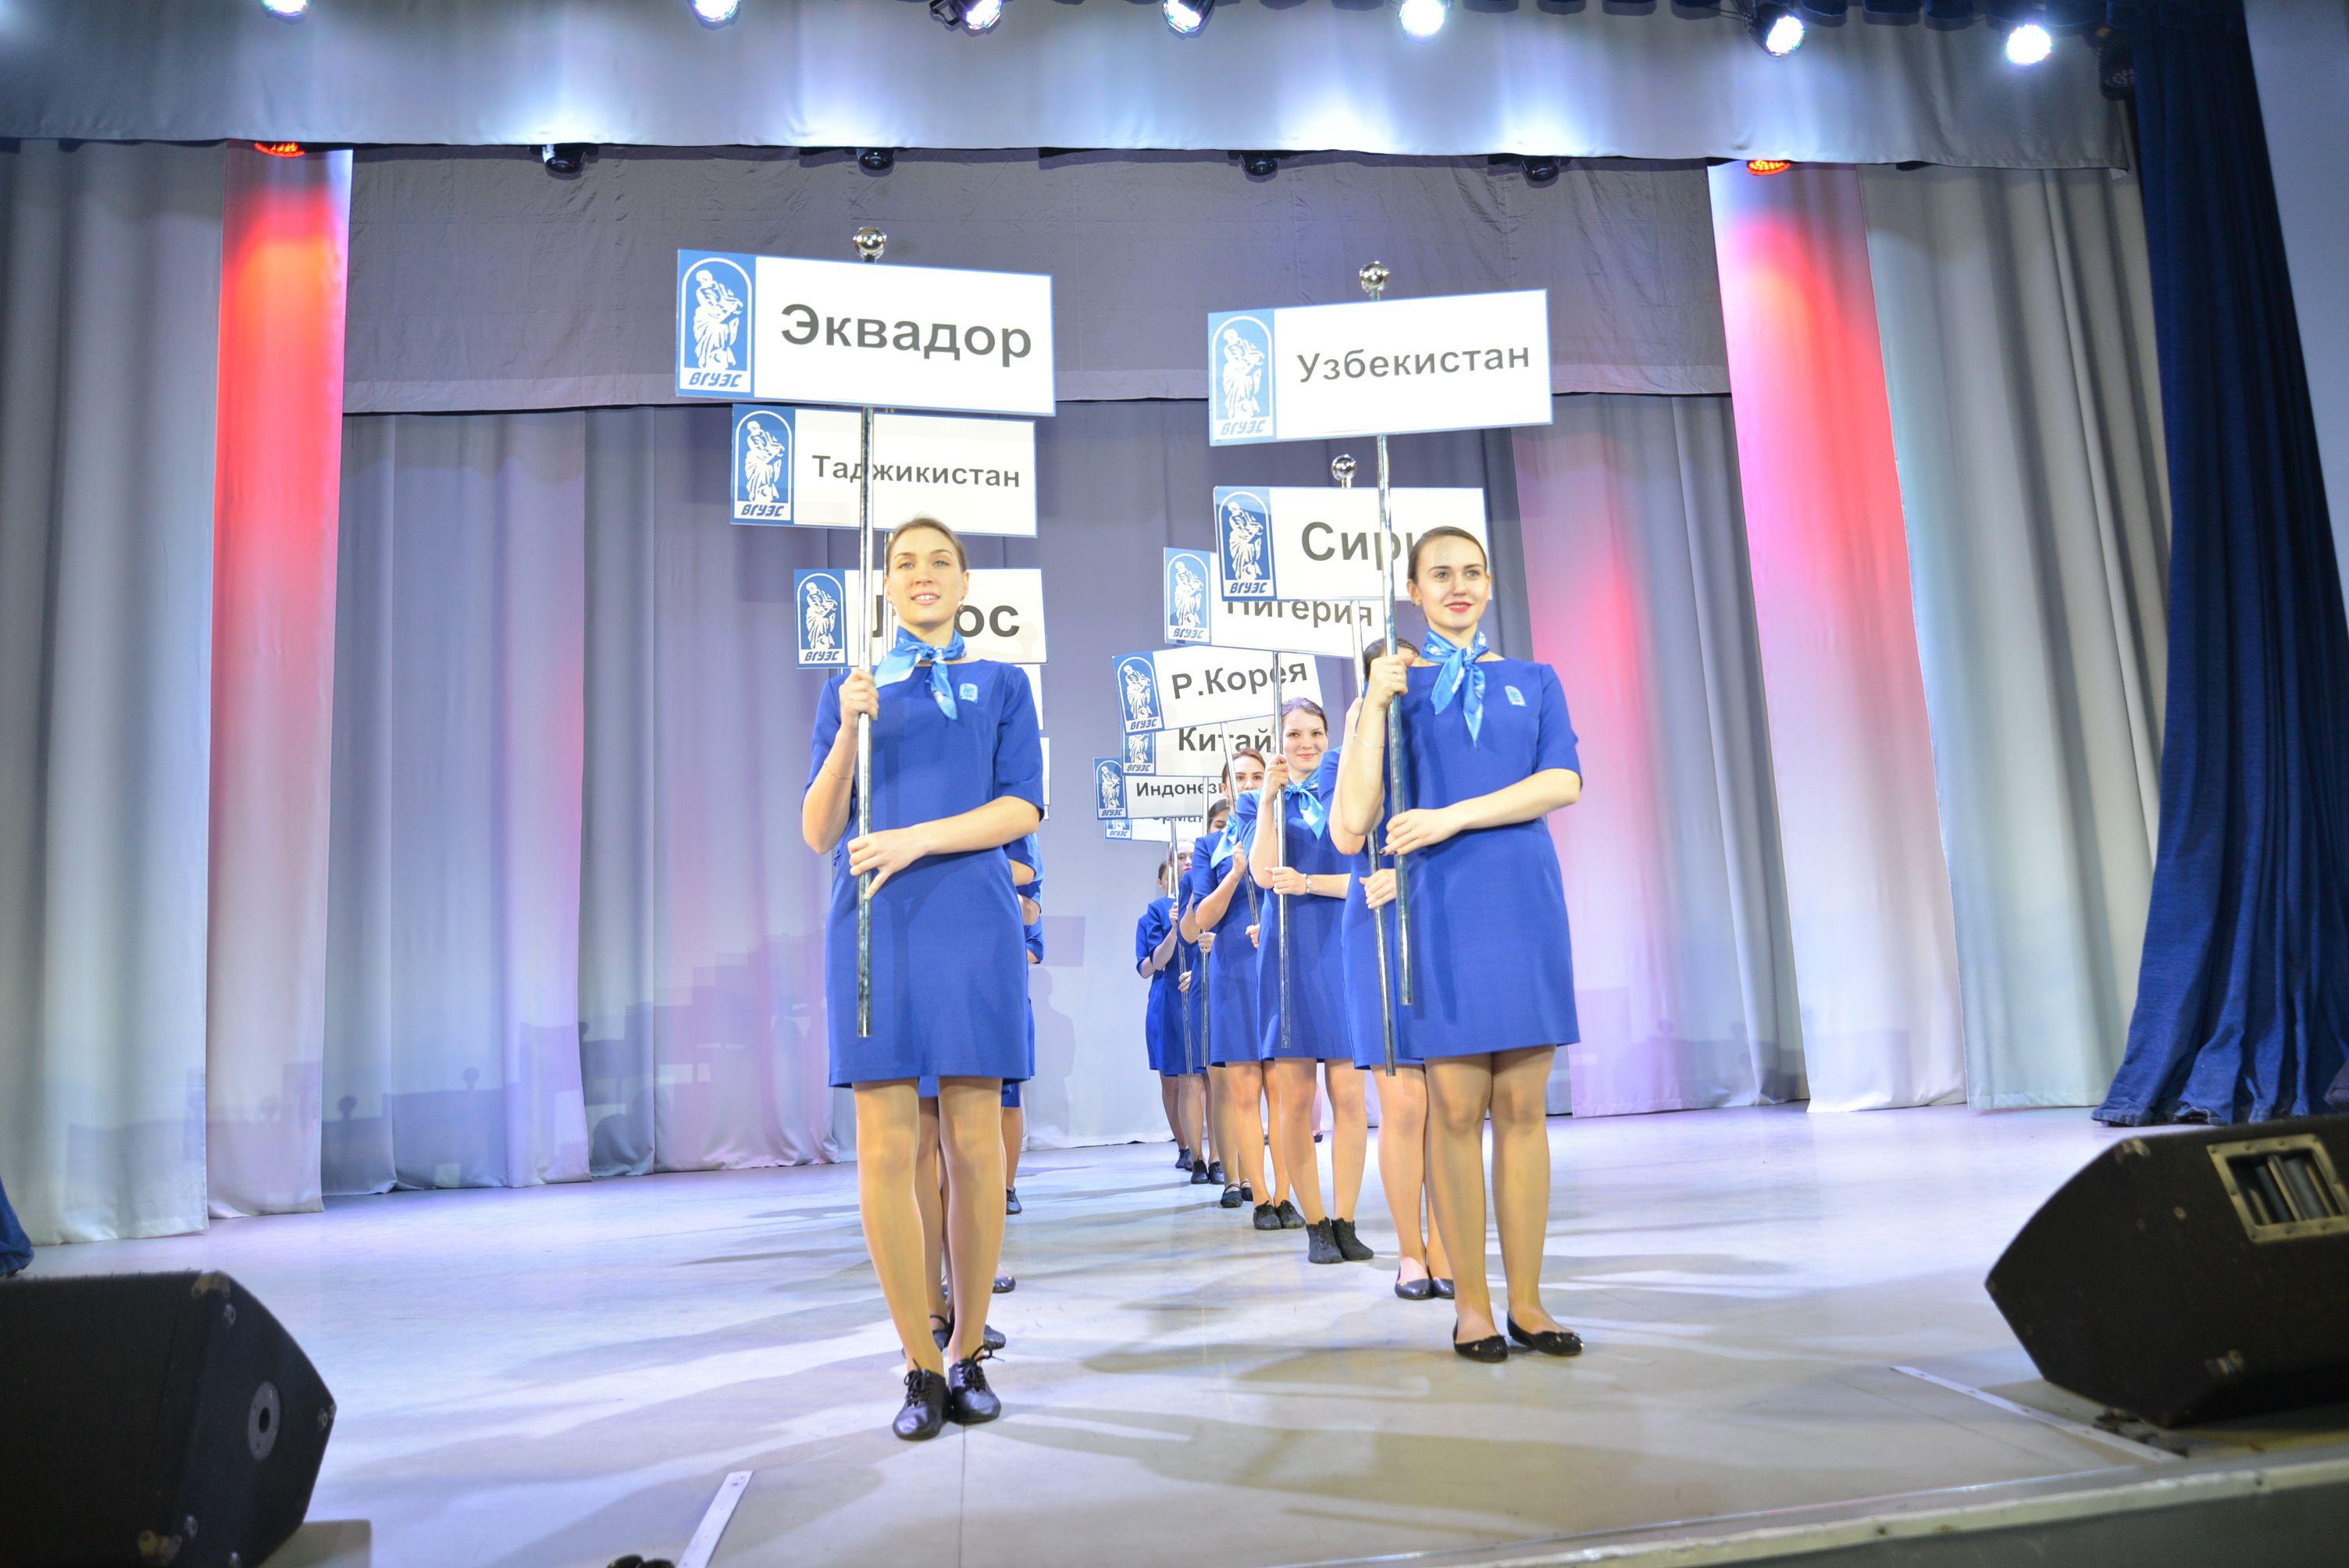 Международный межвузовский фестиваль «Я учусь в России» собрал в стенах ВГУЭС студентов из 16 стран